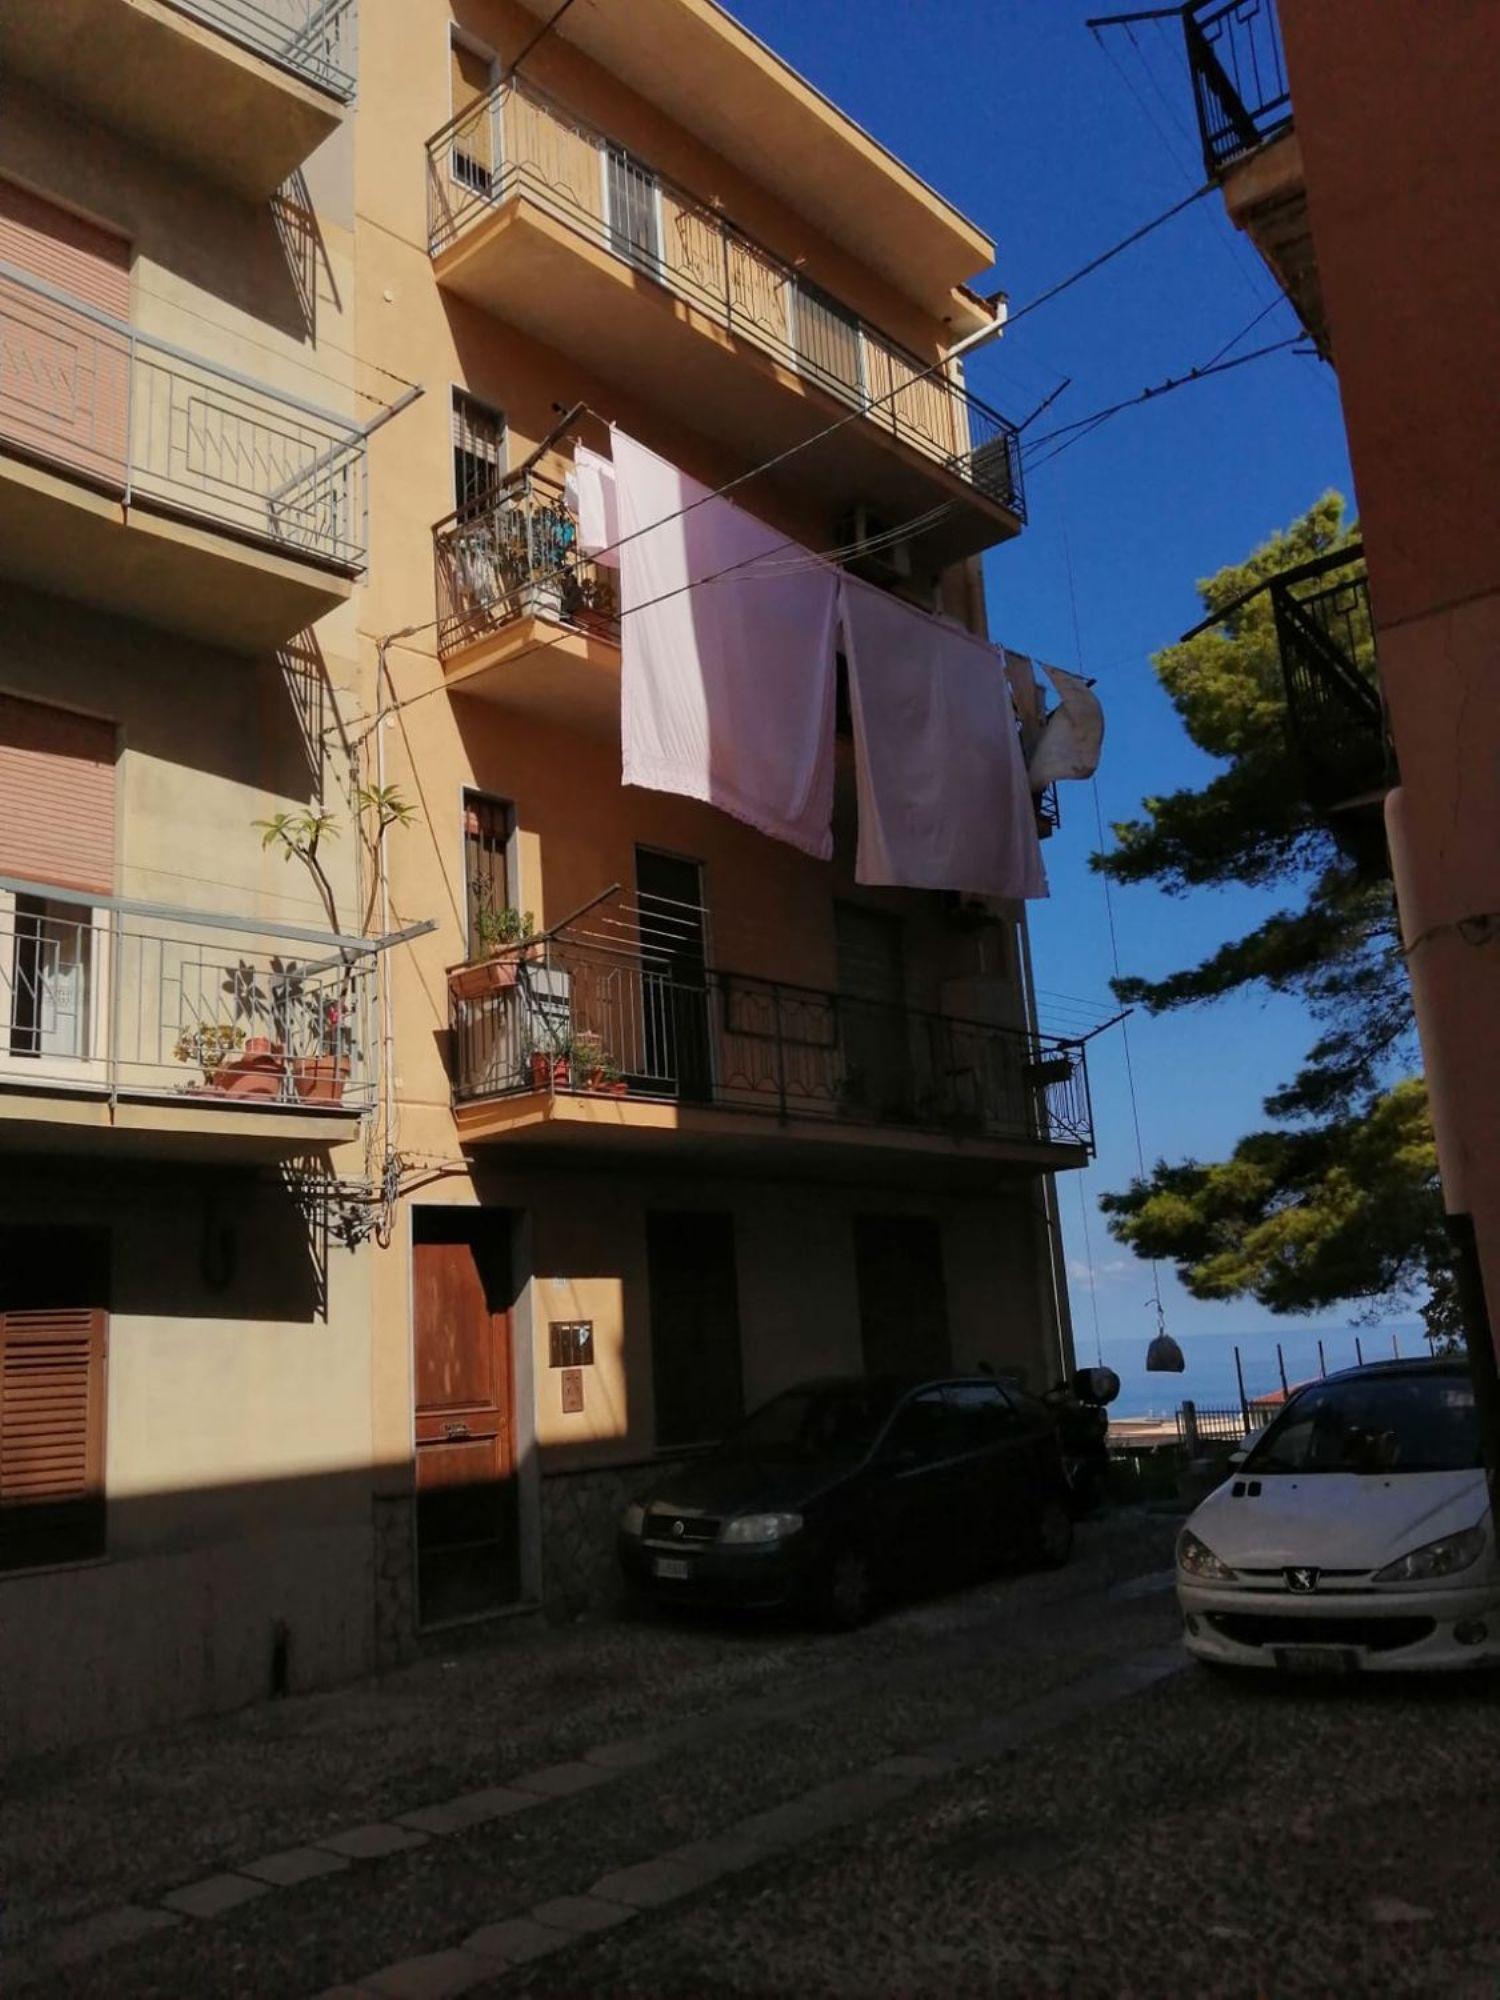 Appartamento in vendita a Termini Imerese, 3 locali, prezzo € 82.000 | CambioCasa.it